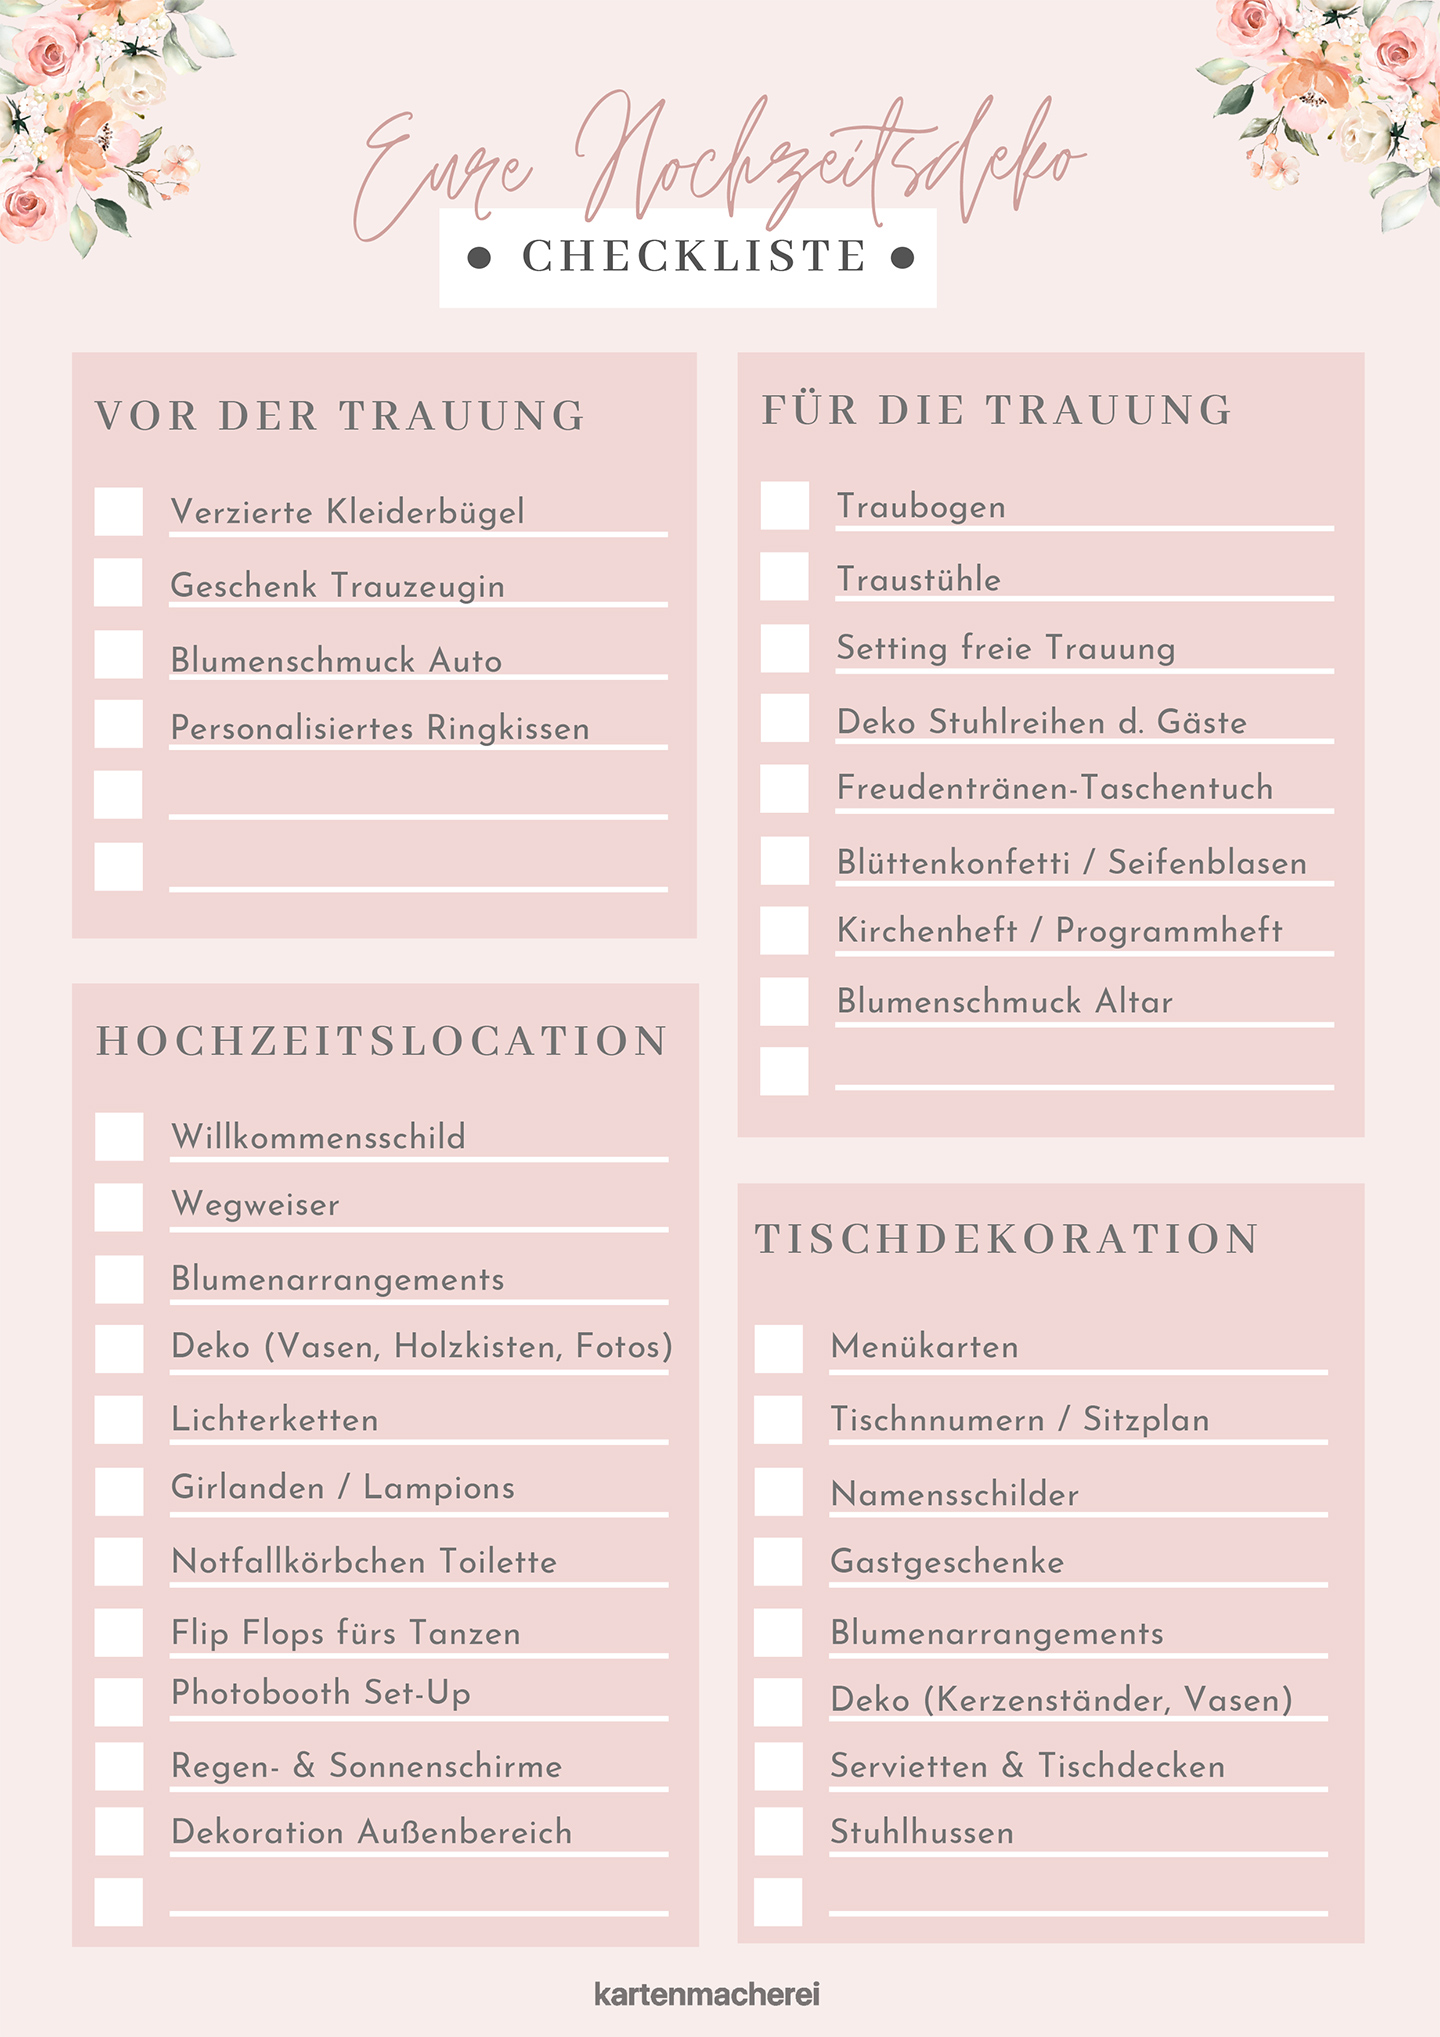 Hochzeitsdeko Checkliste zum Downloaden & Ausdrucken